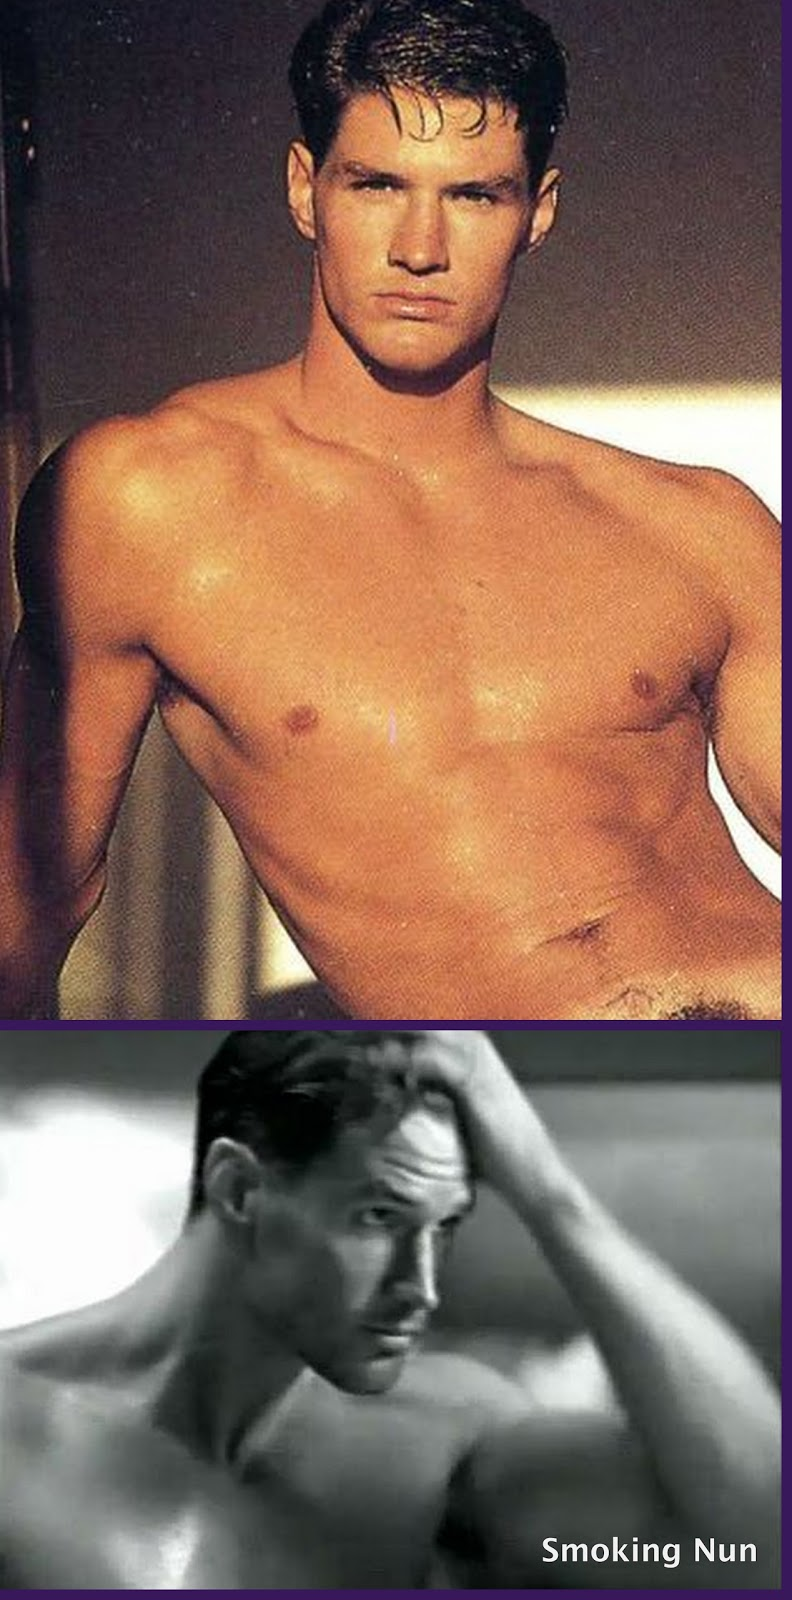 Jerney kaagman nude Nude Photos 49